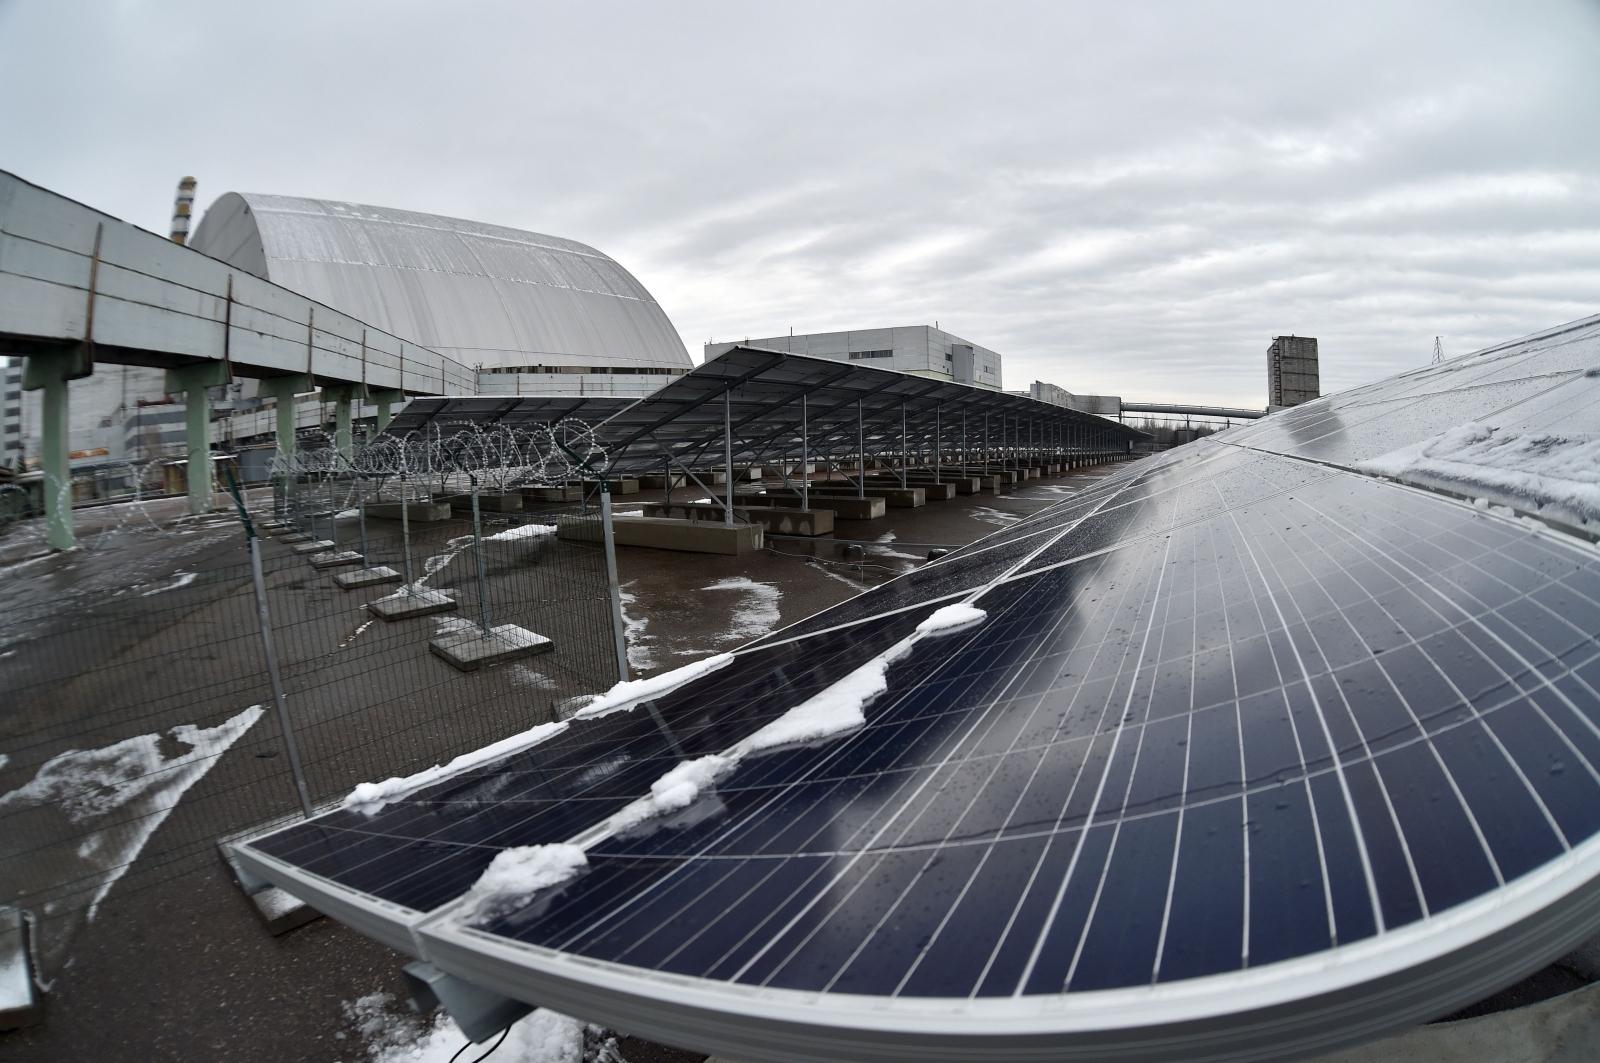 Chernobyl Solar Power Plant